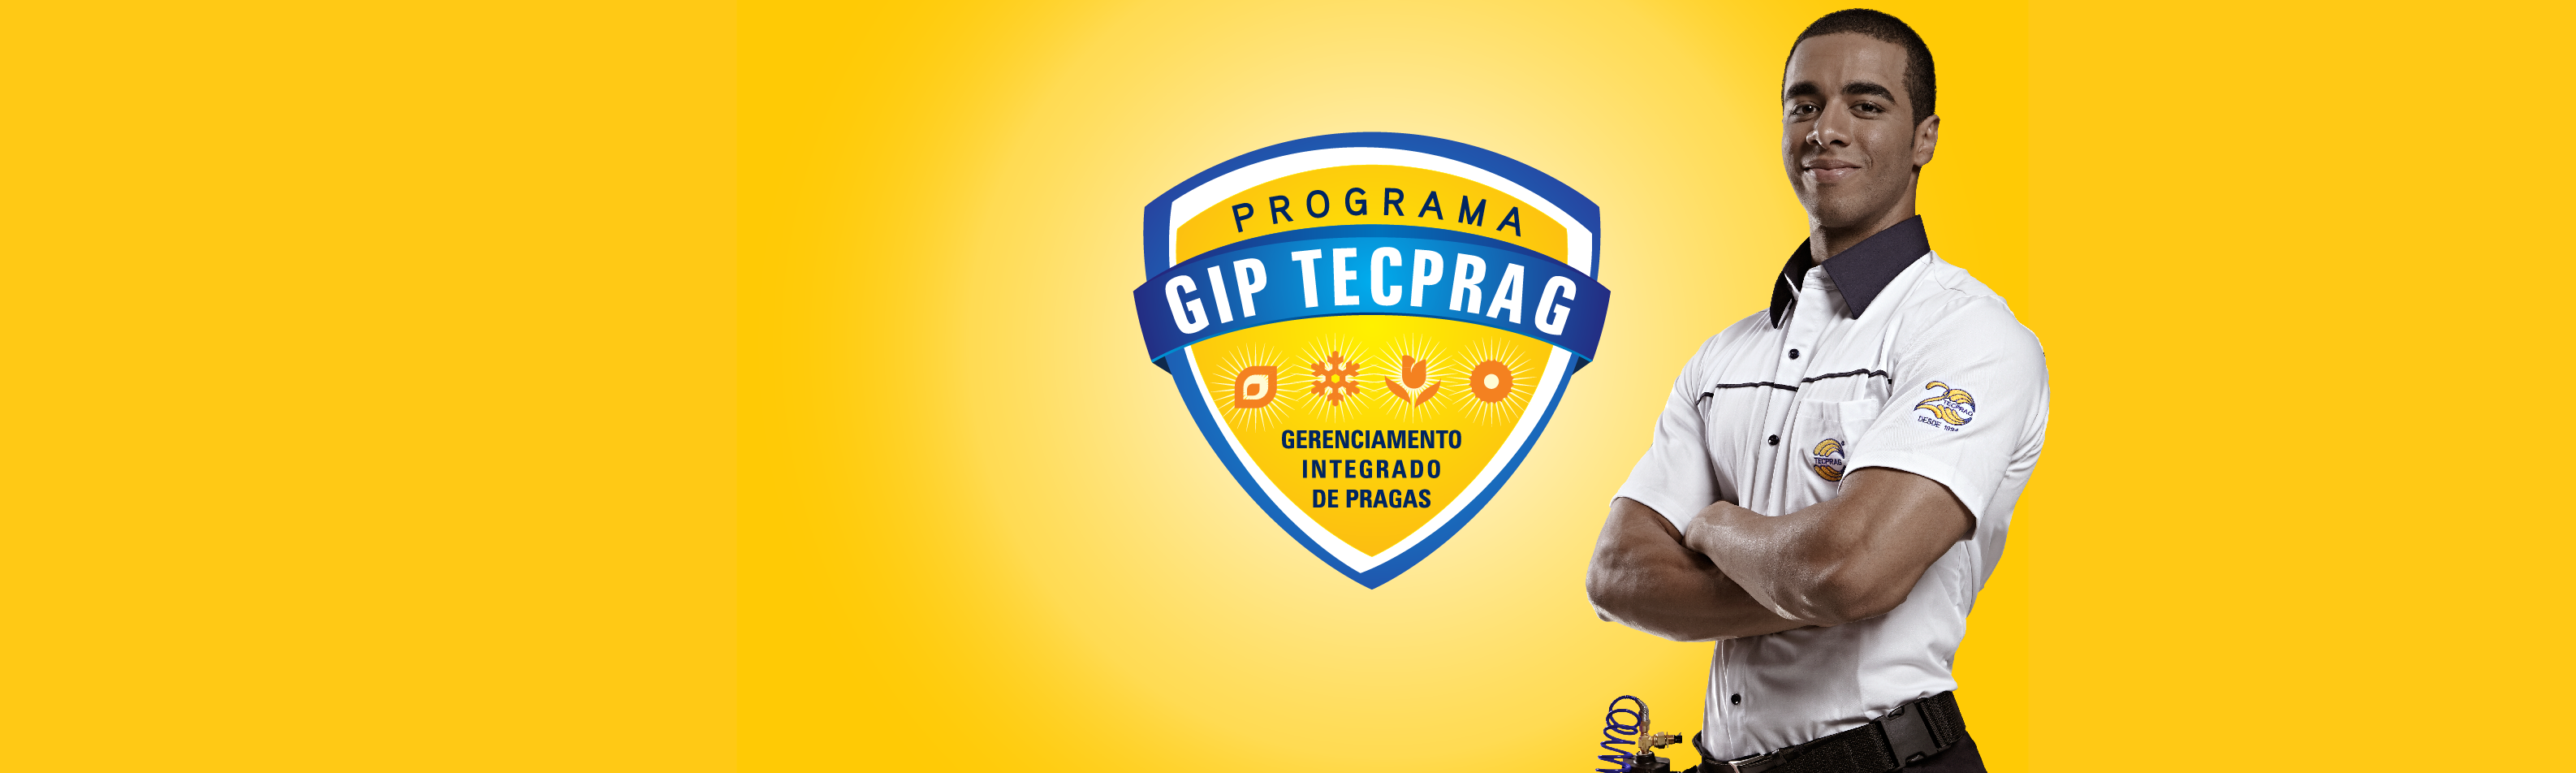 slider-tecprag-giptecprag-01-01-01